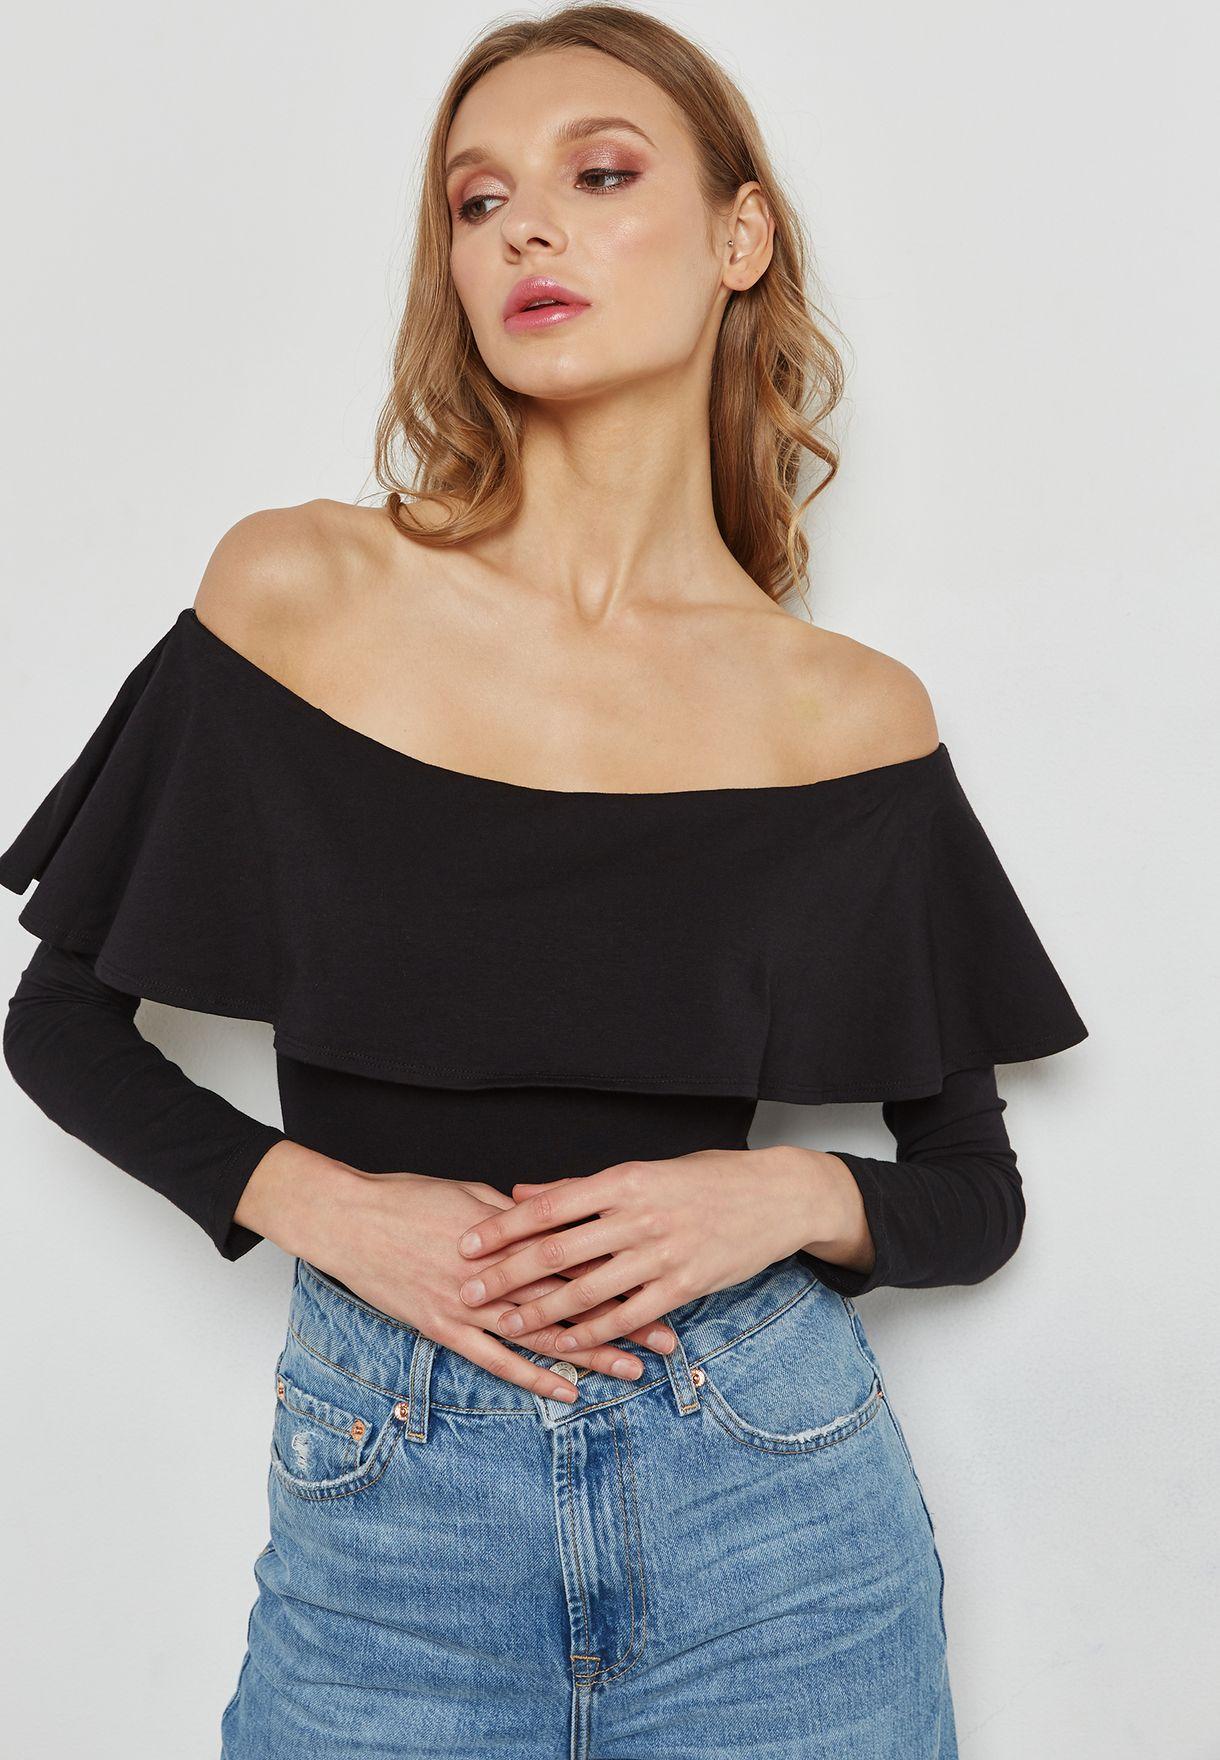 759f17fa15 Shop Forever 21 black Ruffle Bardot Body 224270 for Women in Qatar ...